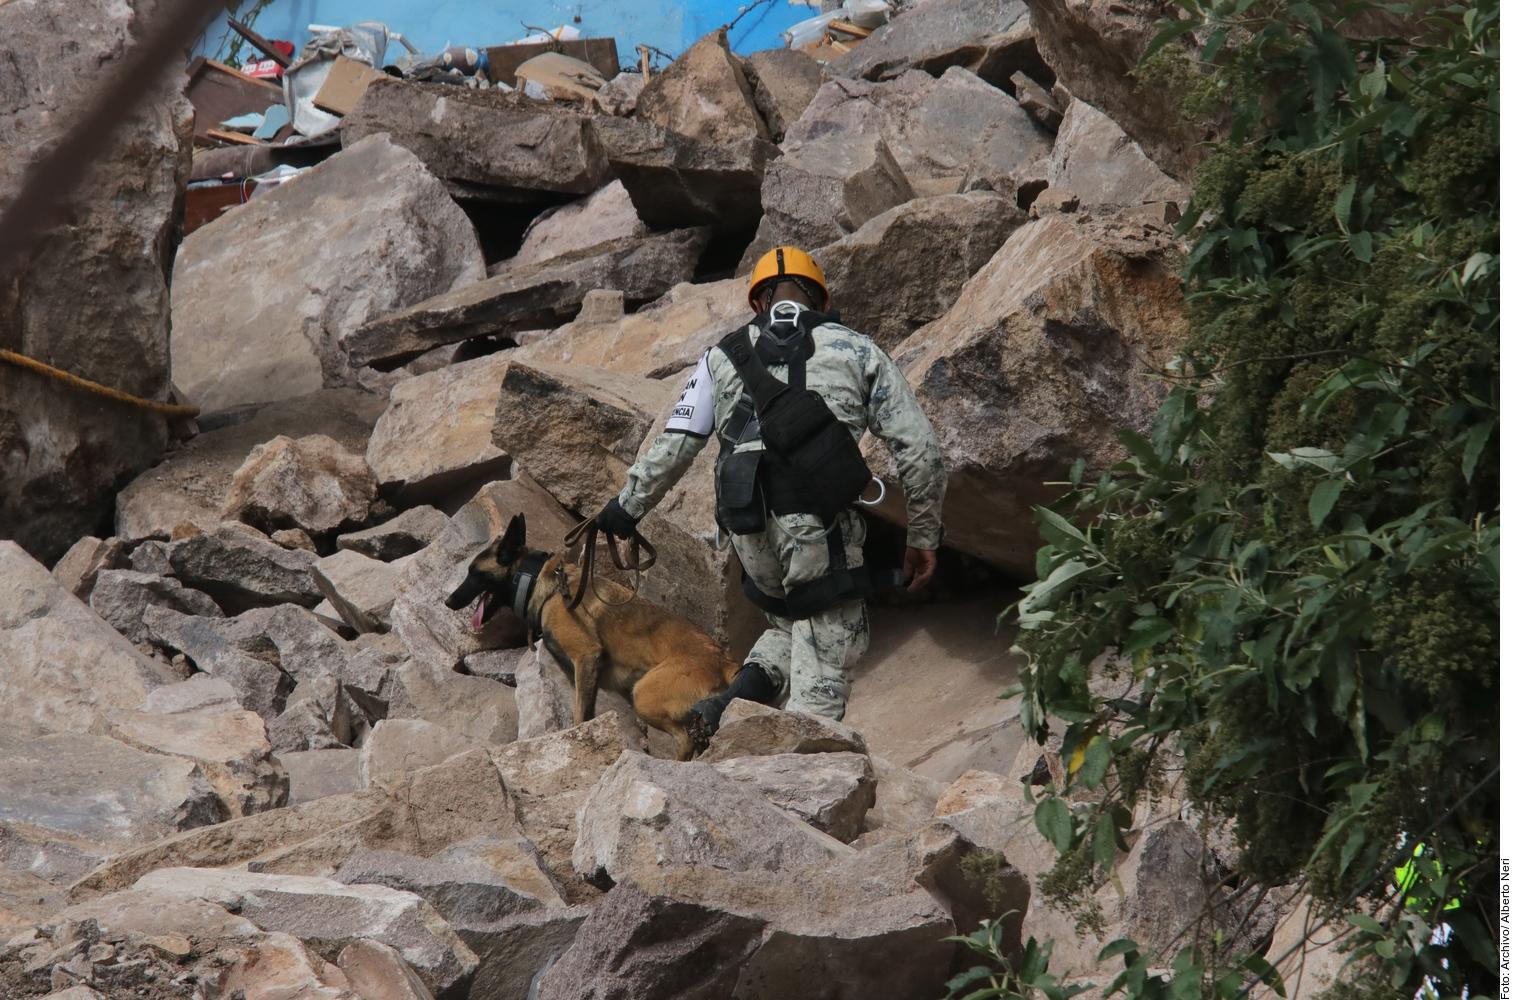 Binomios caninos ayudaron a localizar los cuerpos de Paola y Dylan. Foto: Agencia Reforma.